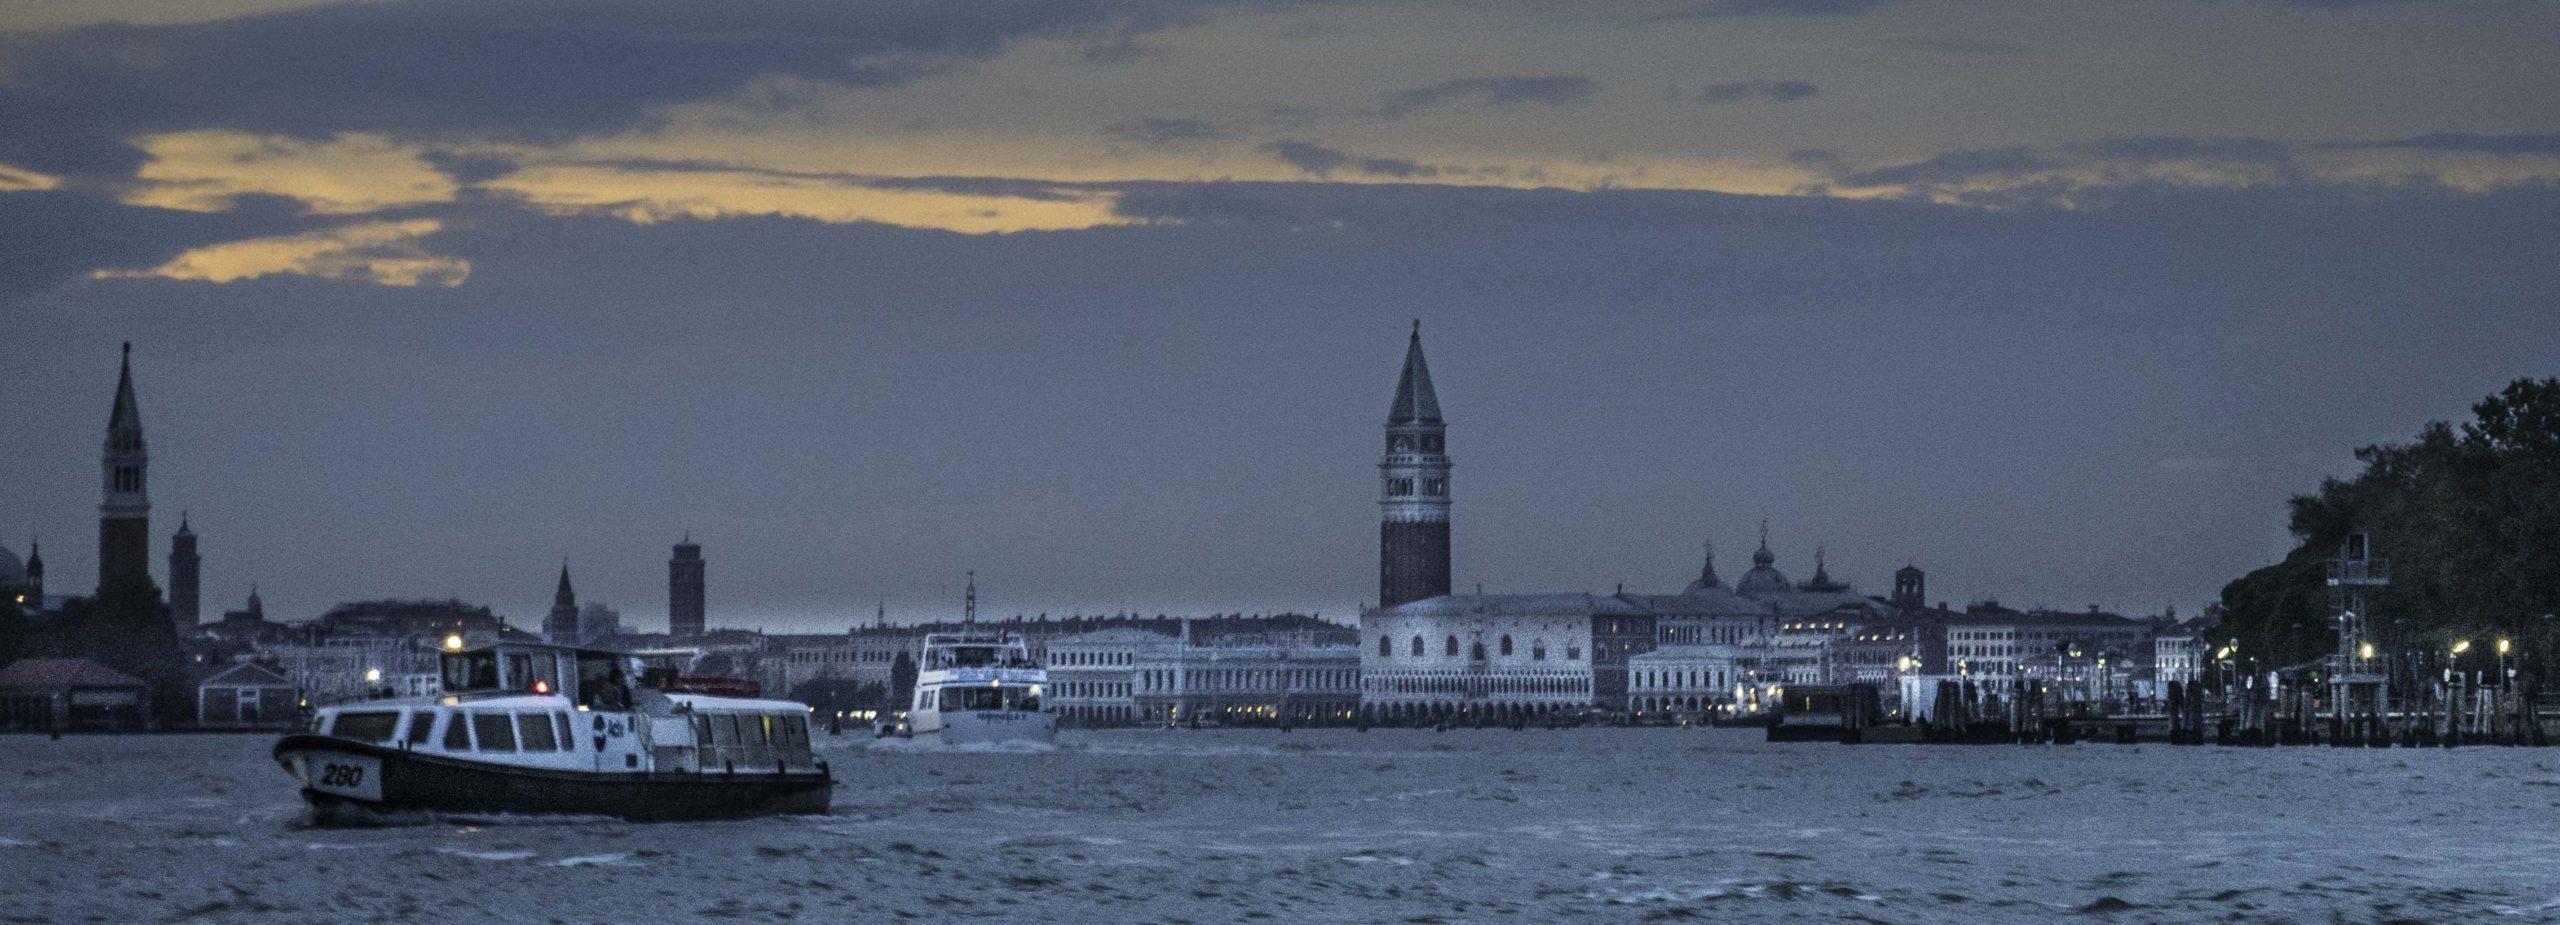 Saint Marks square at dusk, Venice, Italy